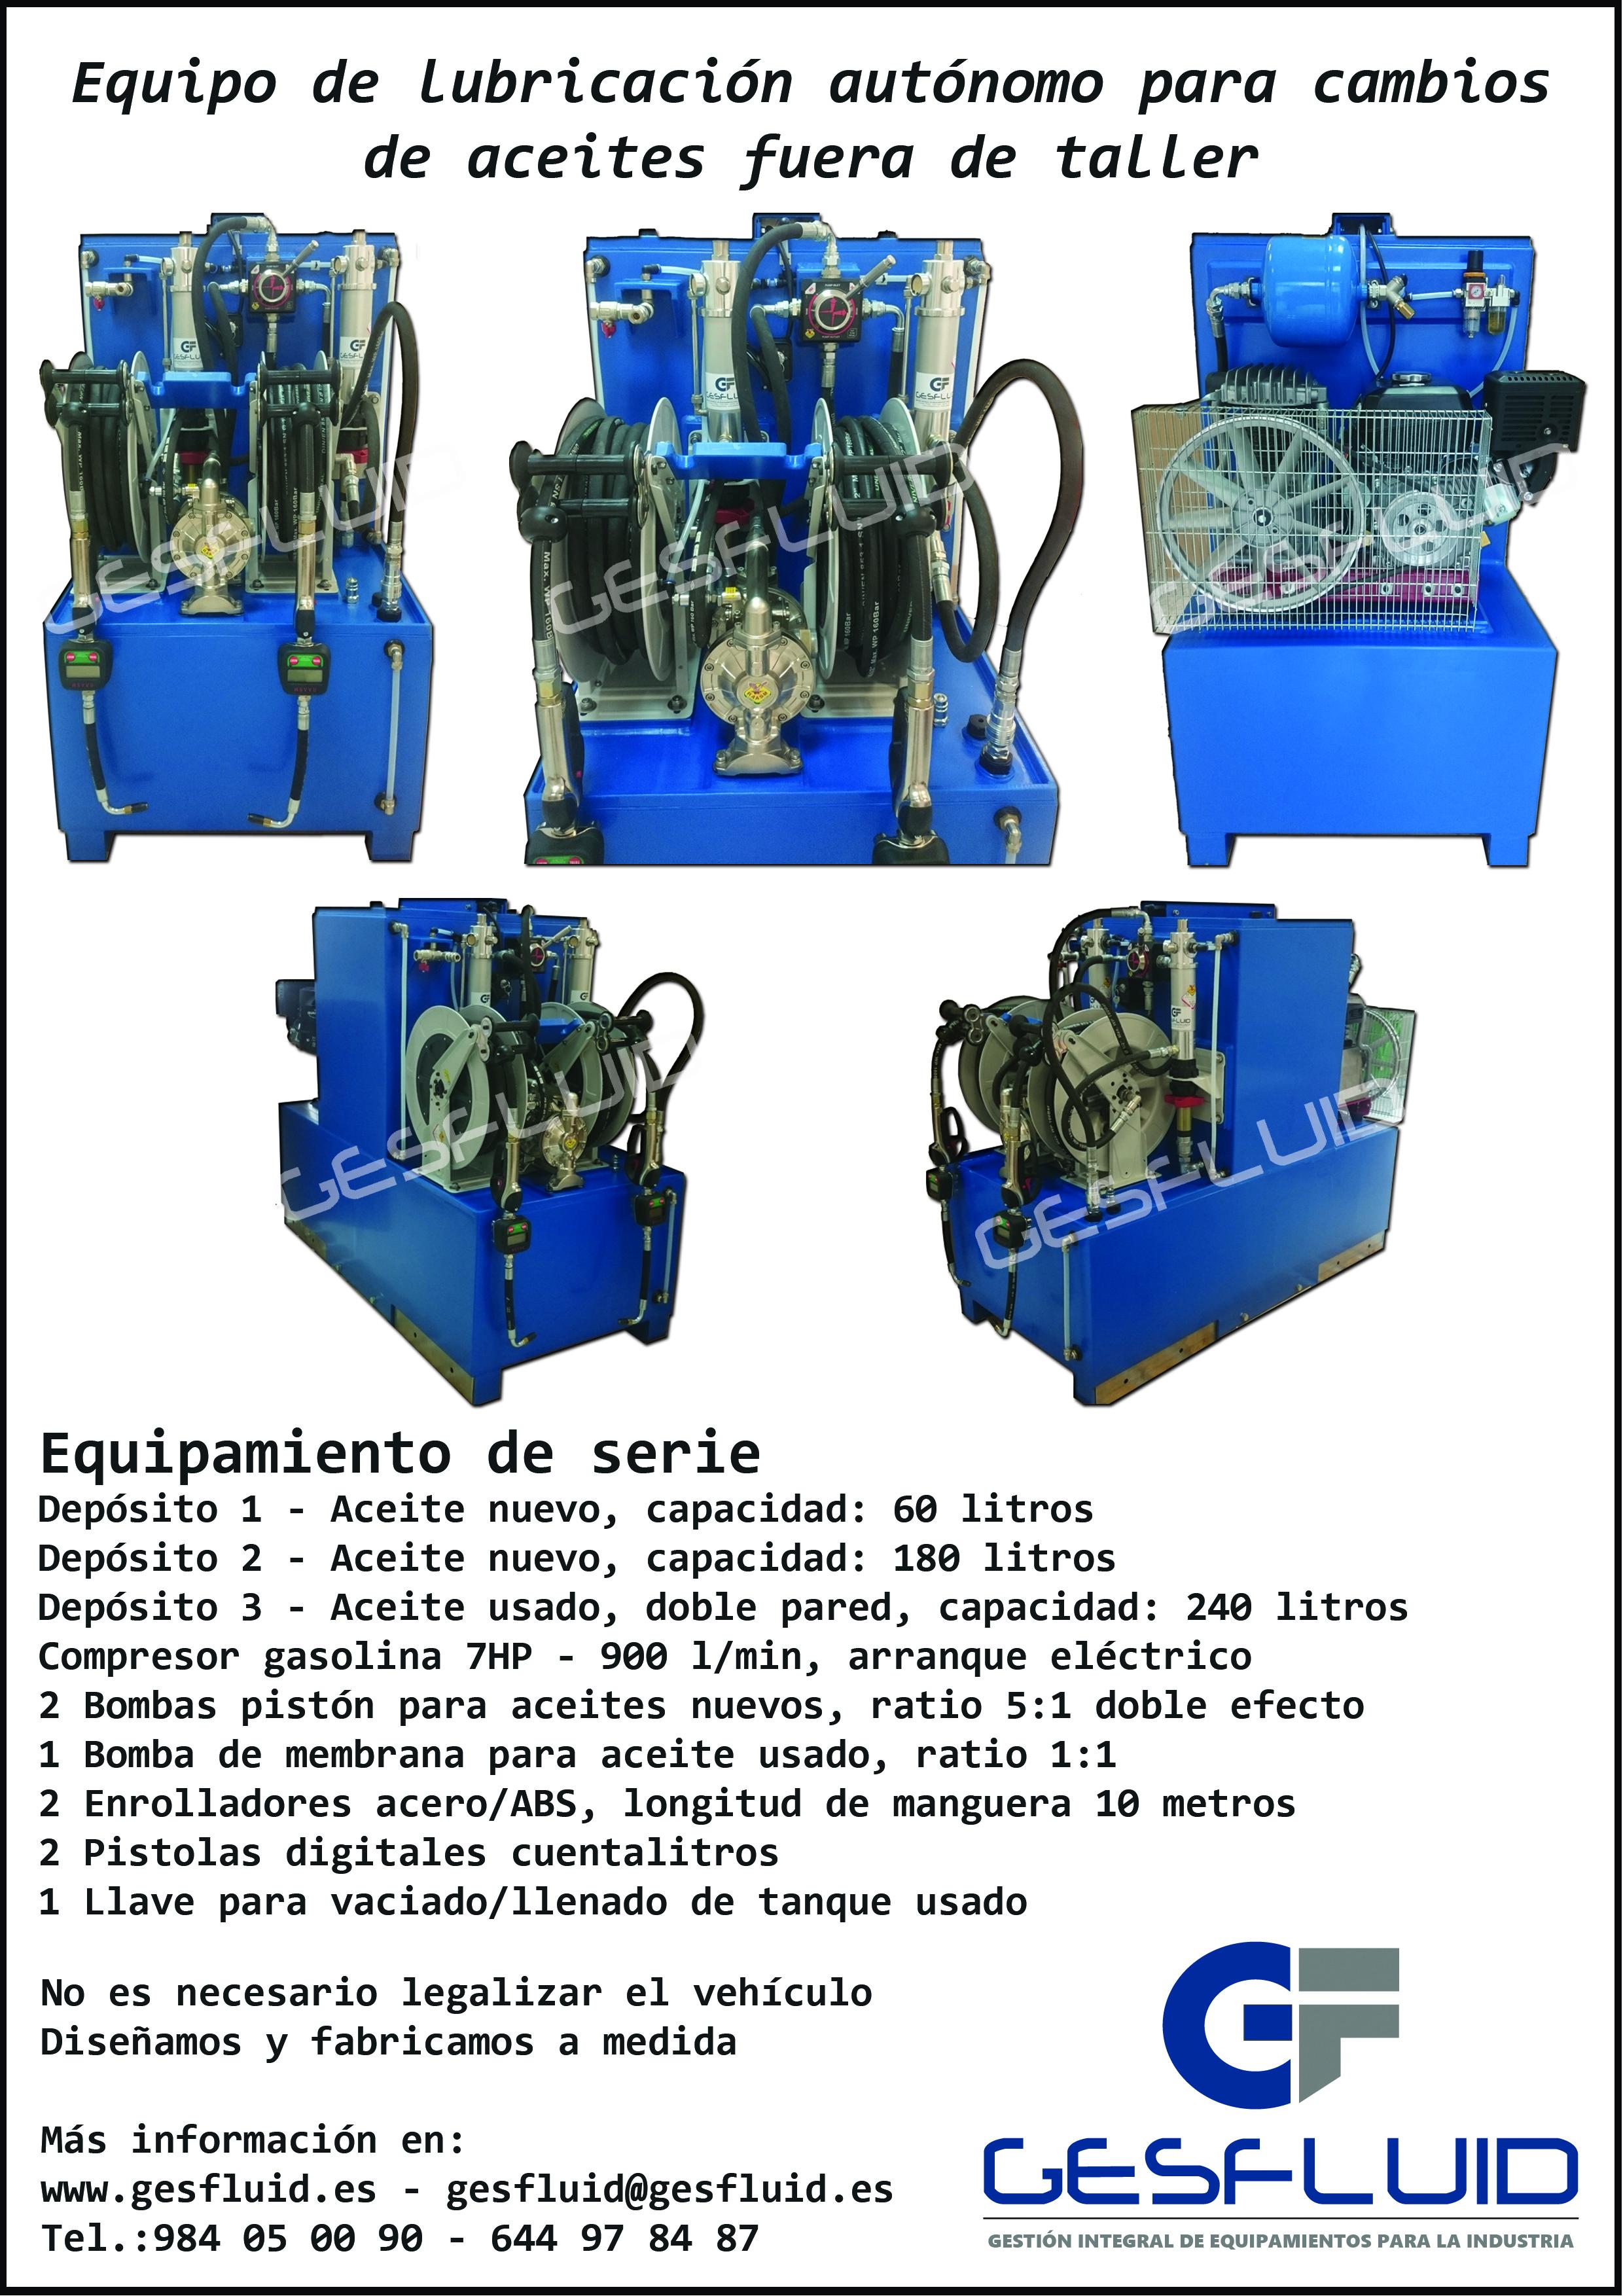 EAML (Equipo móvil de lubricación)